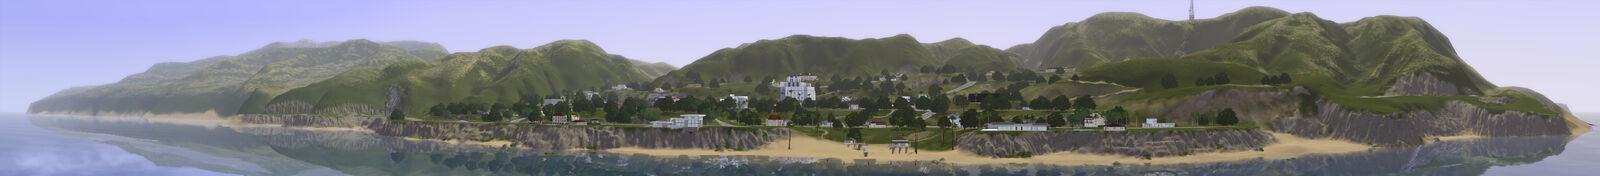 Starlight panorama